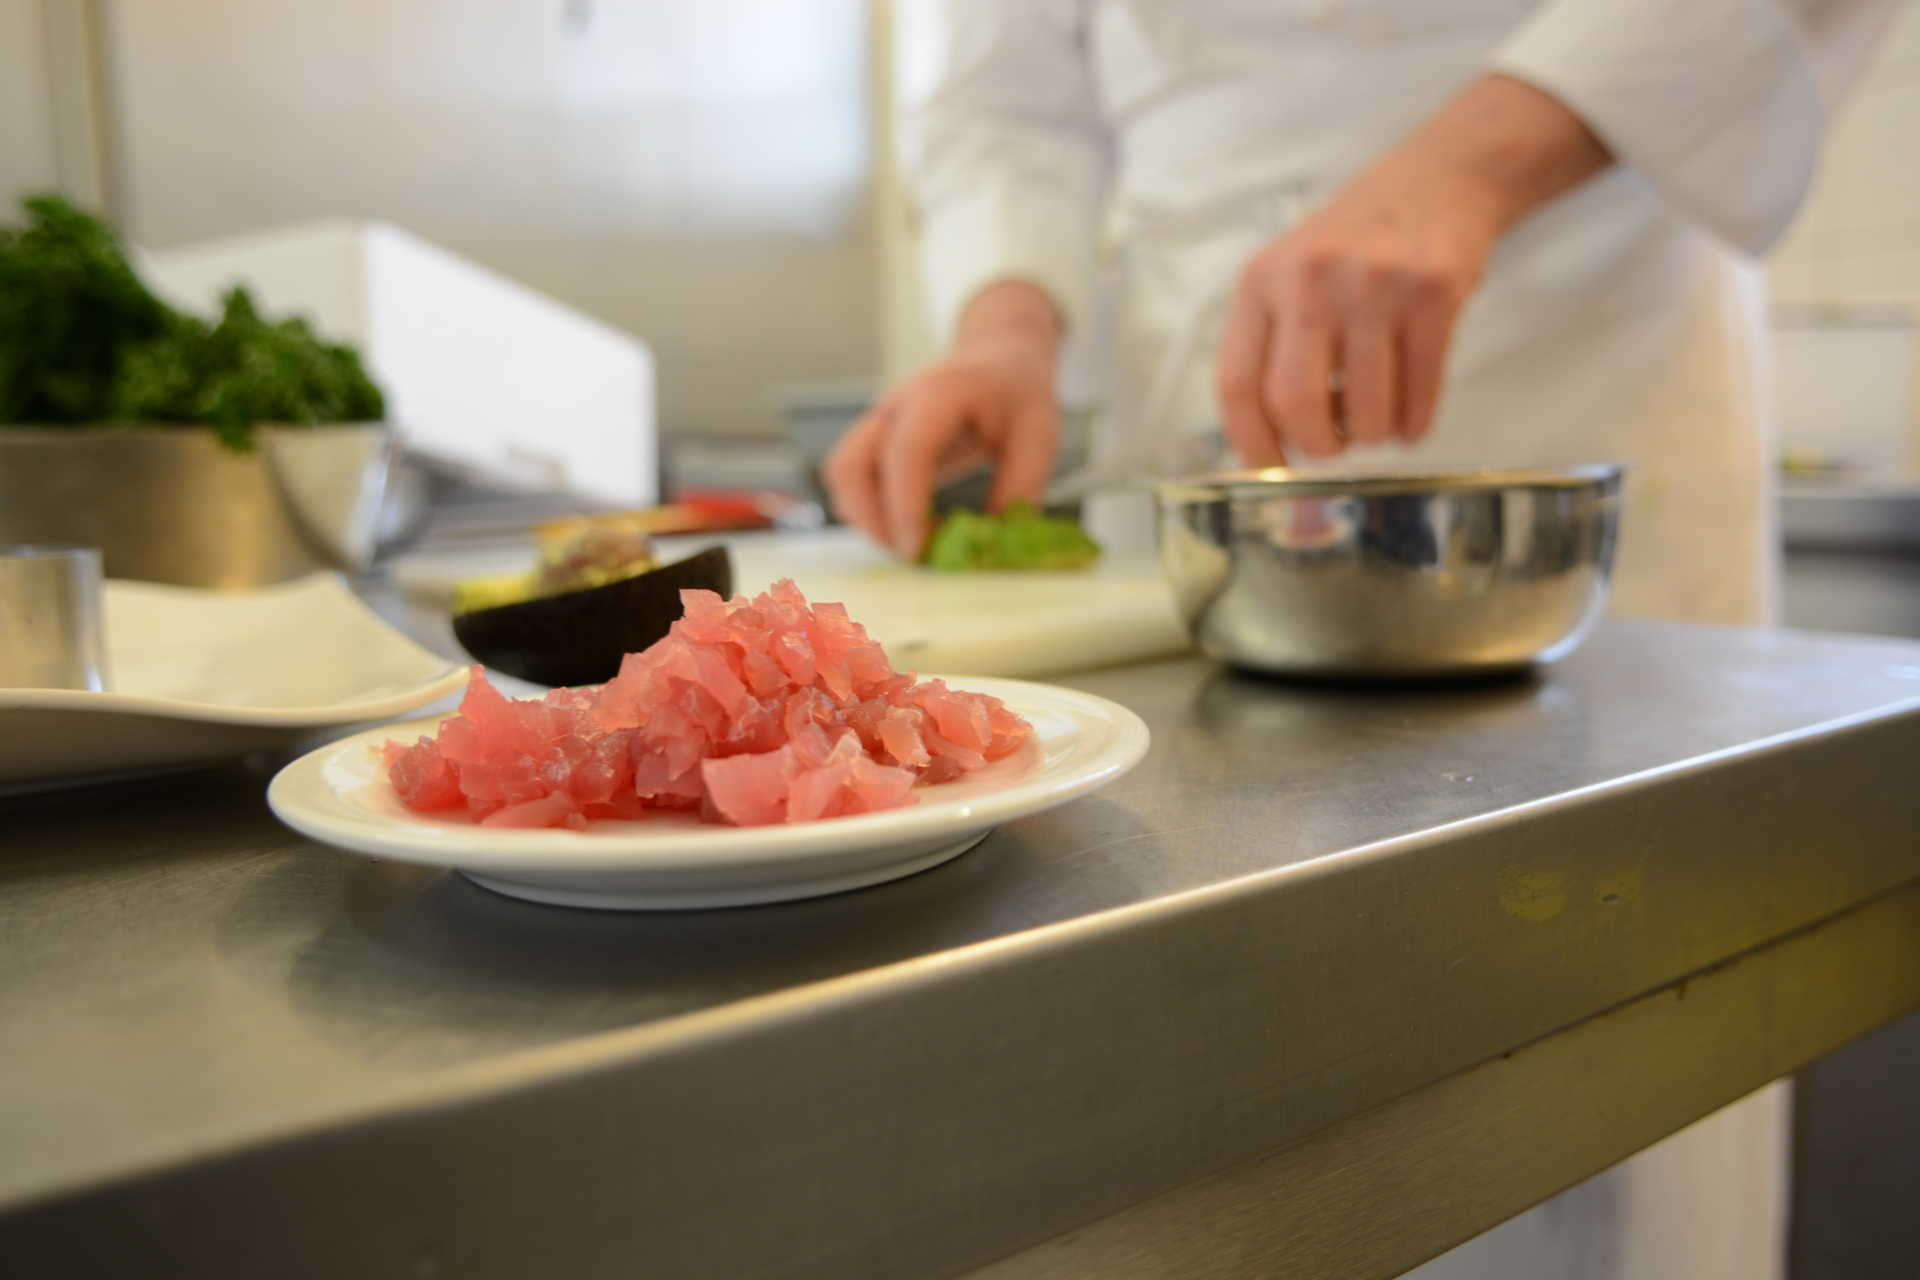 Fisch-Zubereitung in der Küche